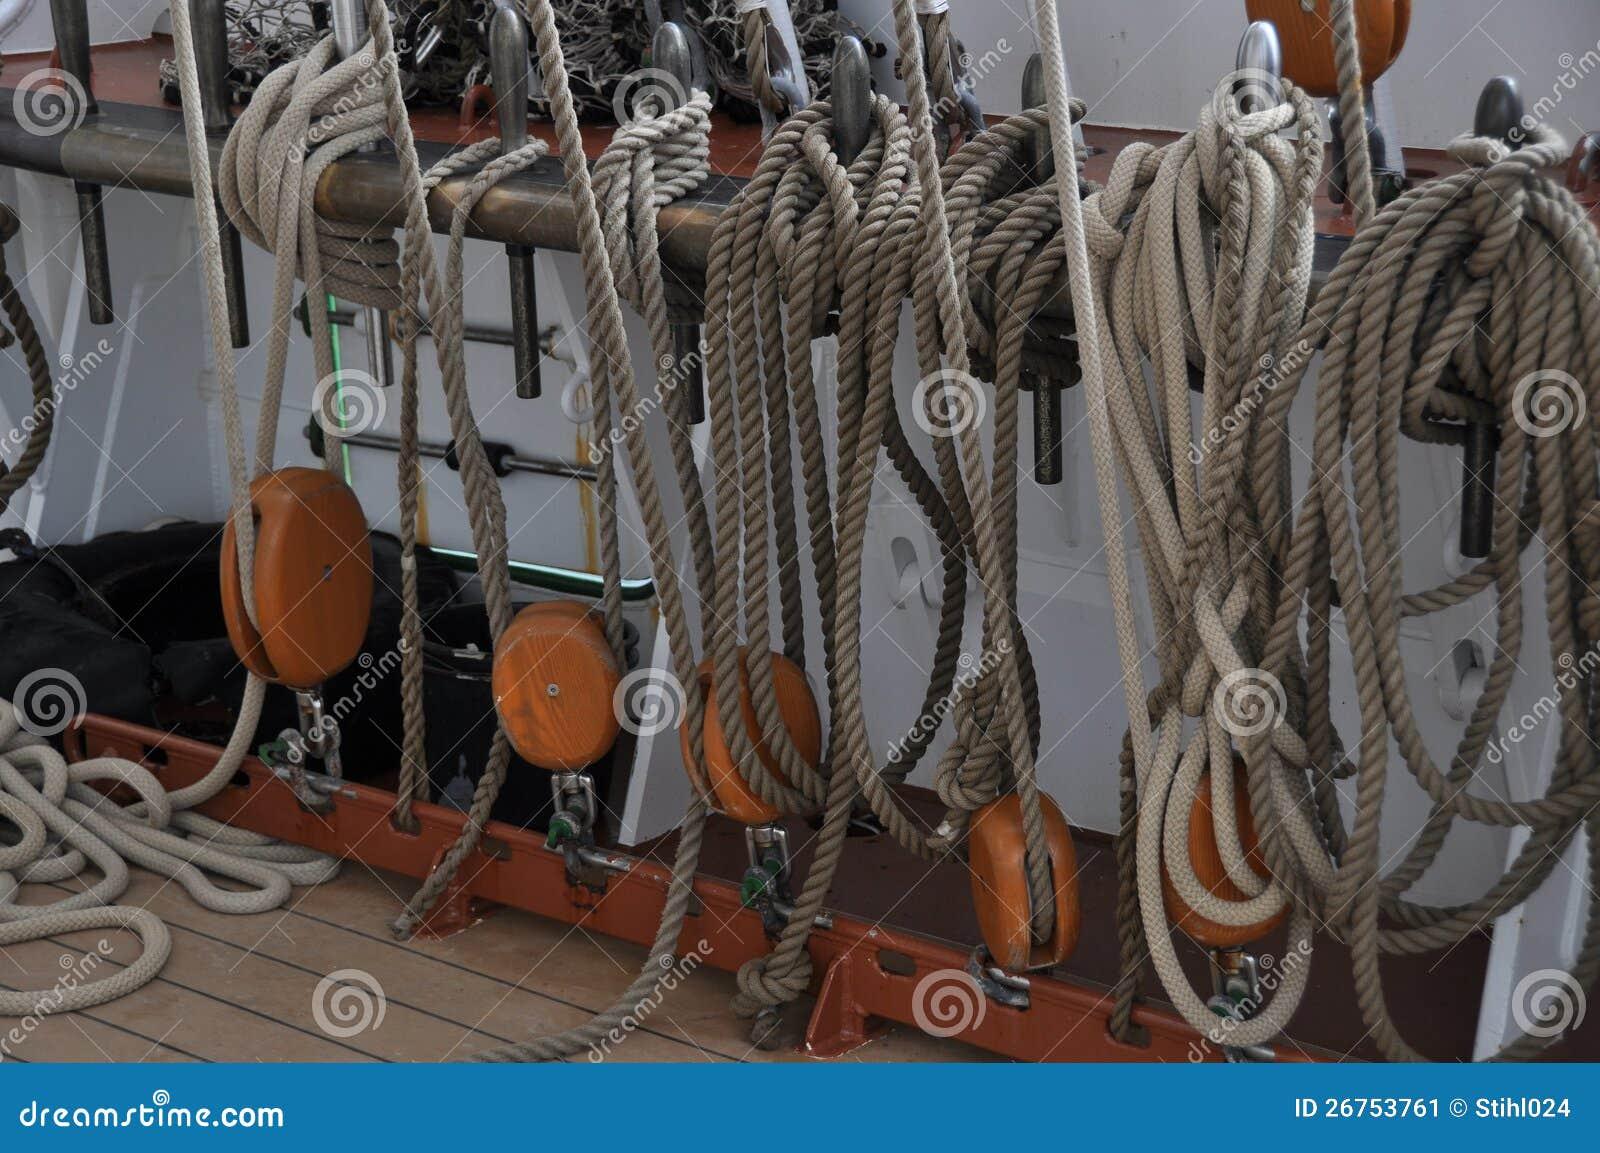 Fixed ropes on sail boat